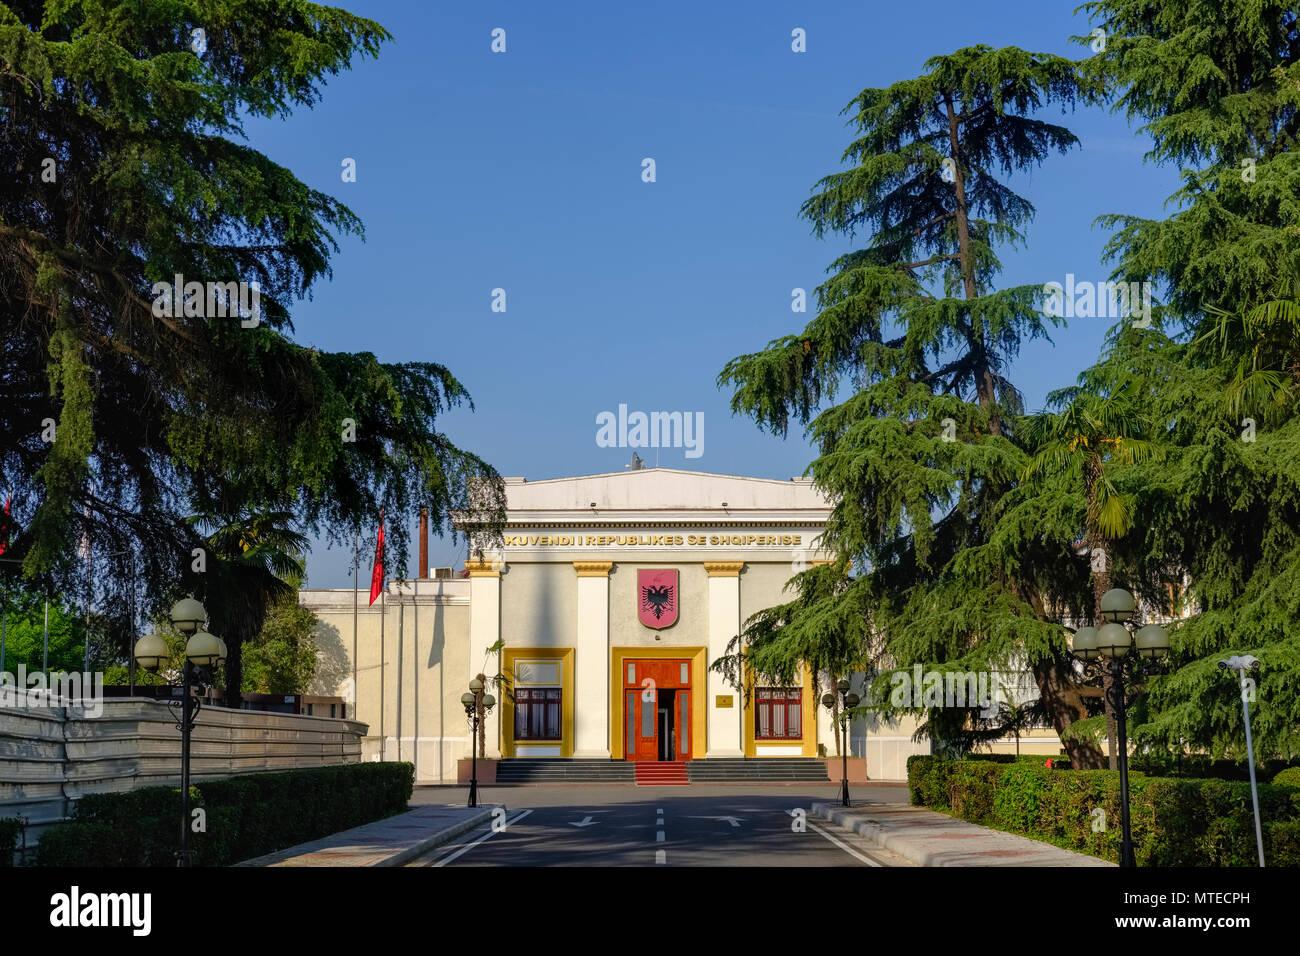 Parliament Building, City Centre, Tirana, Albania - Stock Image